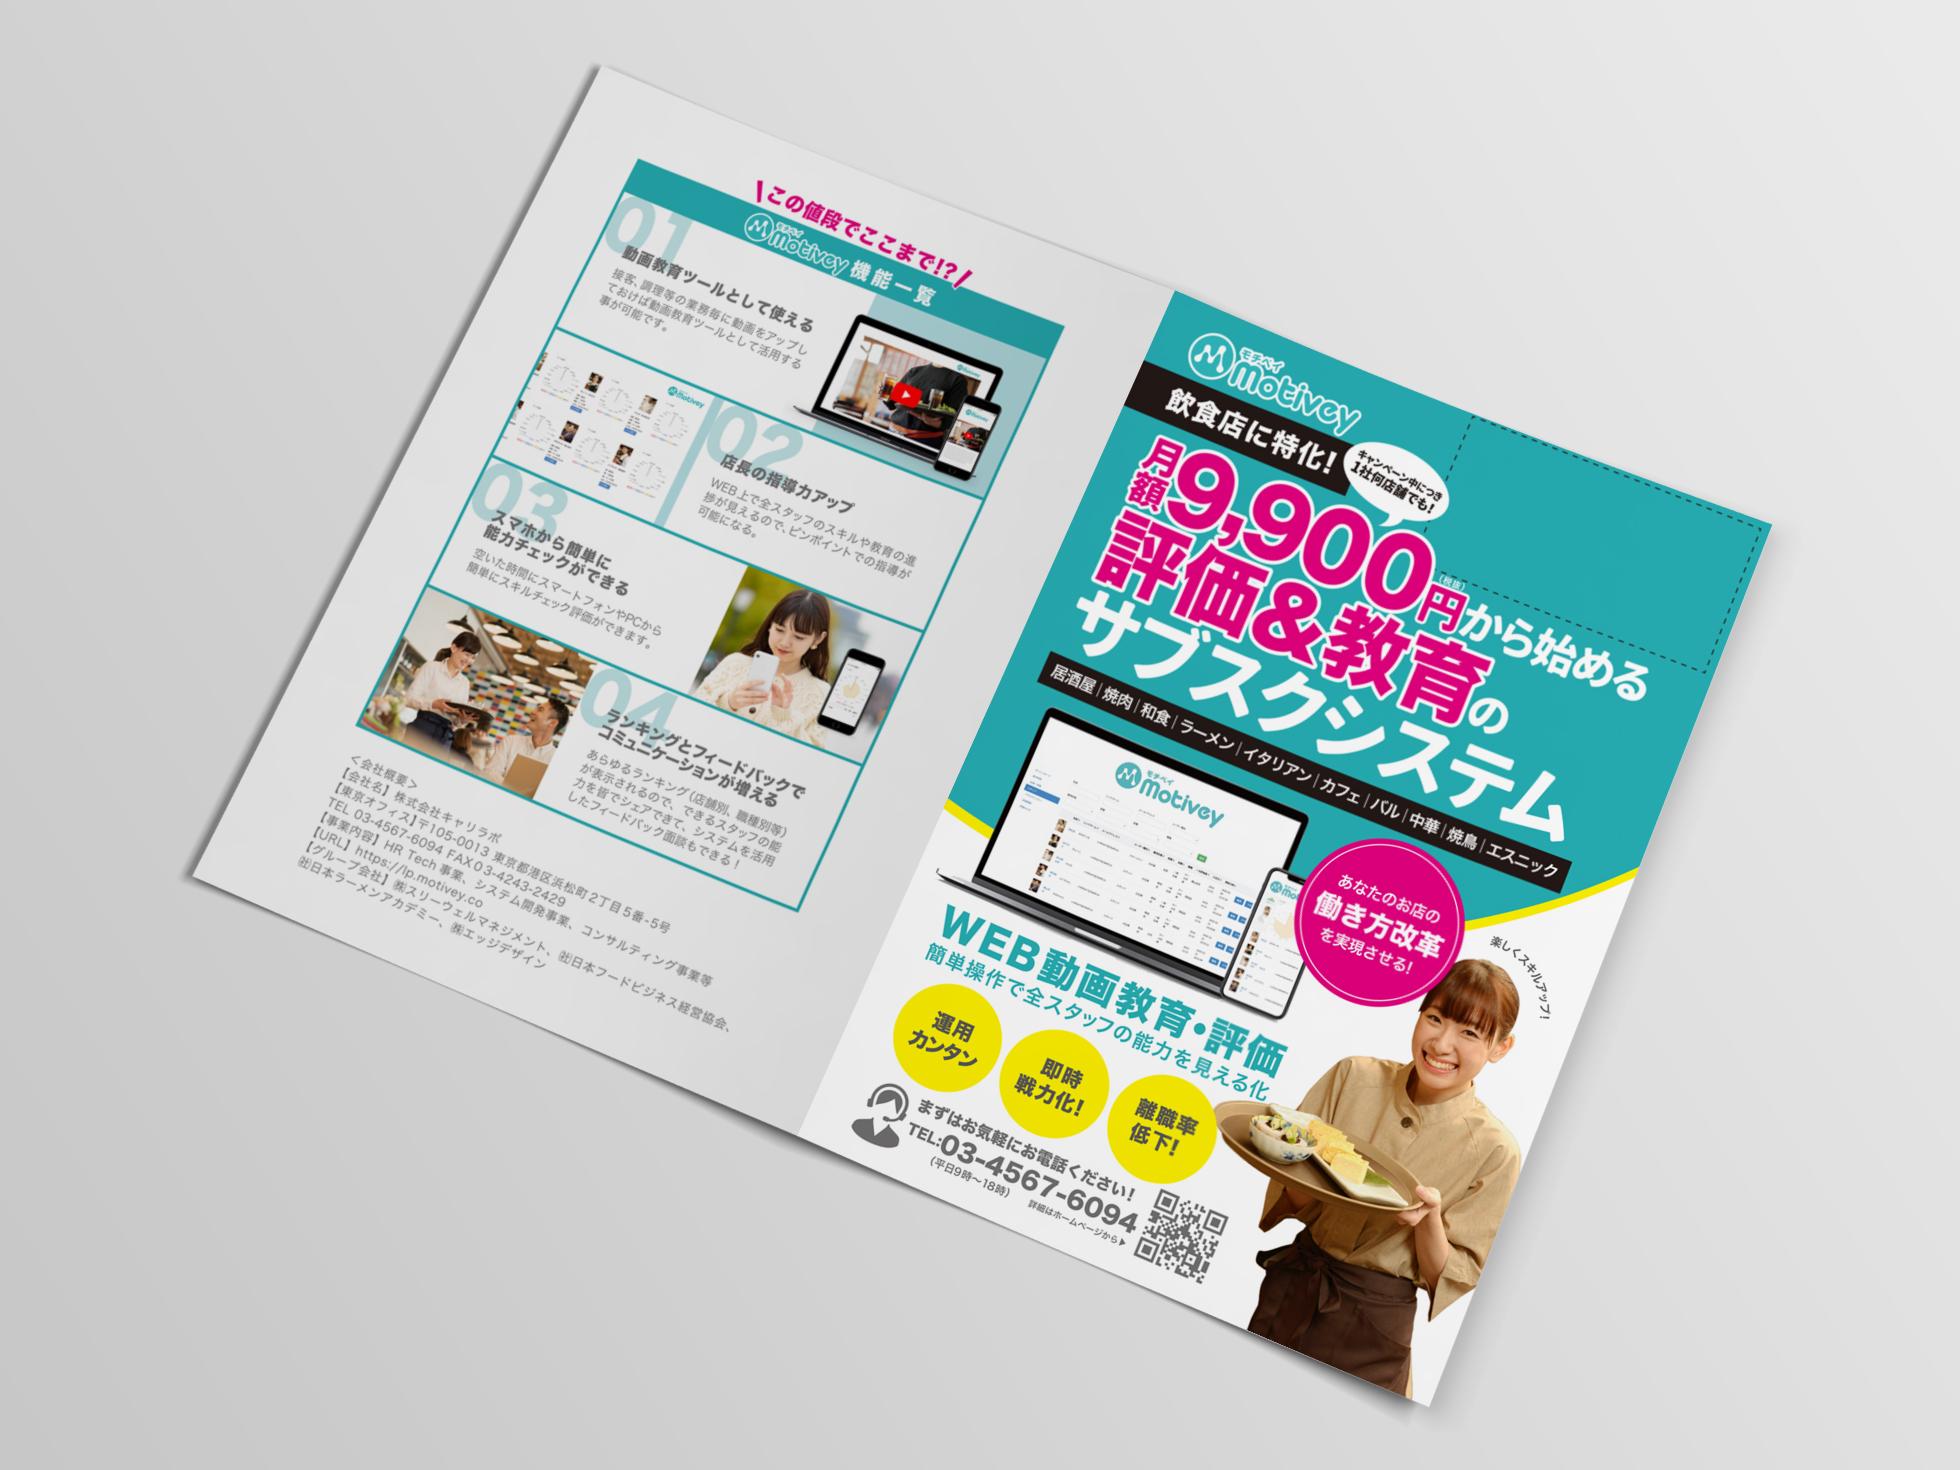 モチベイパンフレット表紙画像